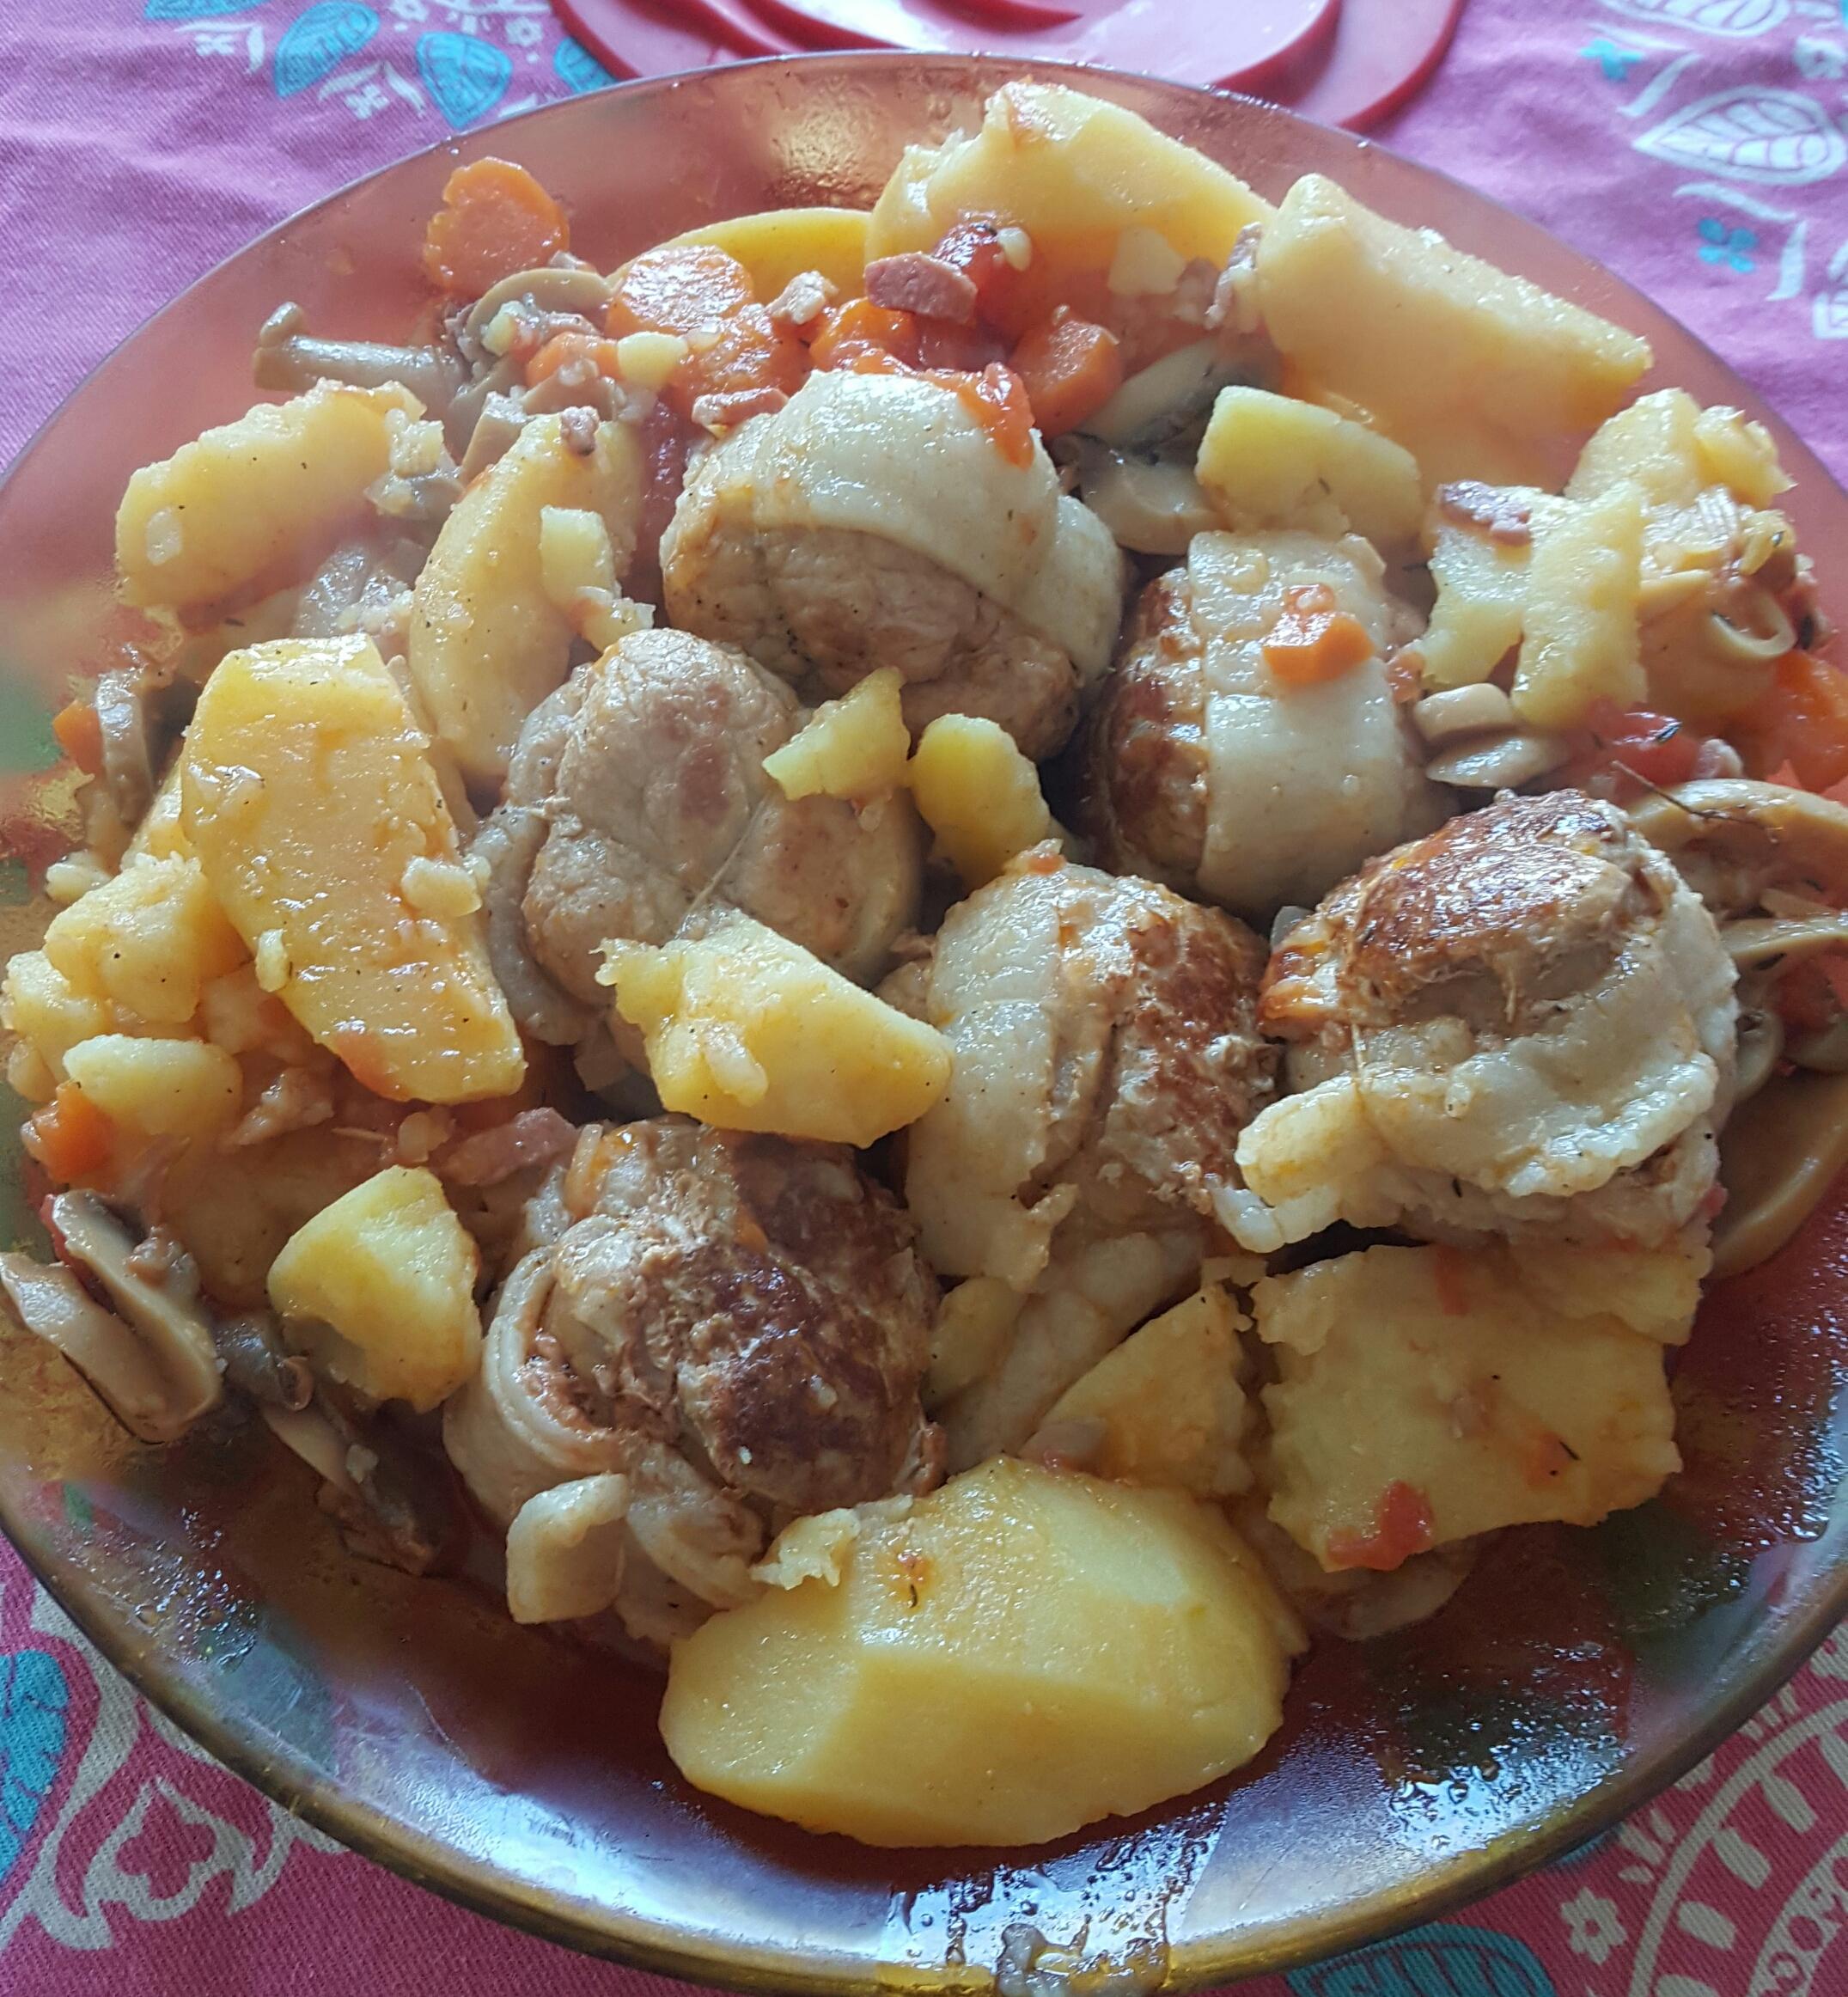 Paupiettes de porc la proven ale recettes cookeo - Recette paupiette porc ...